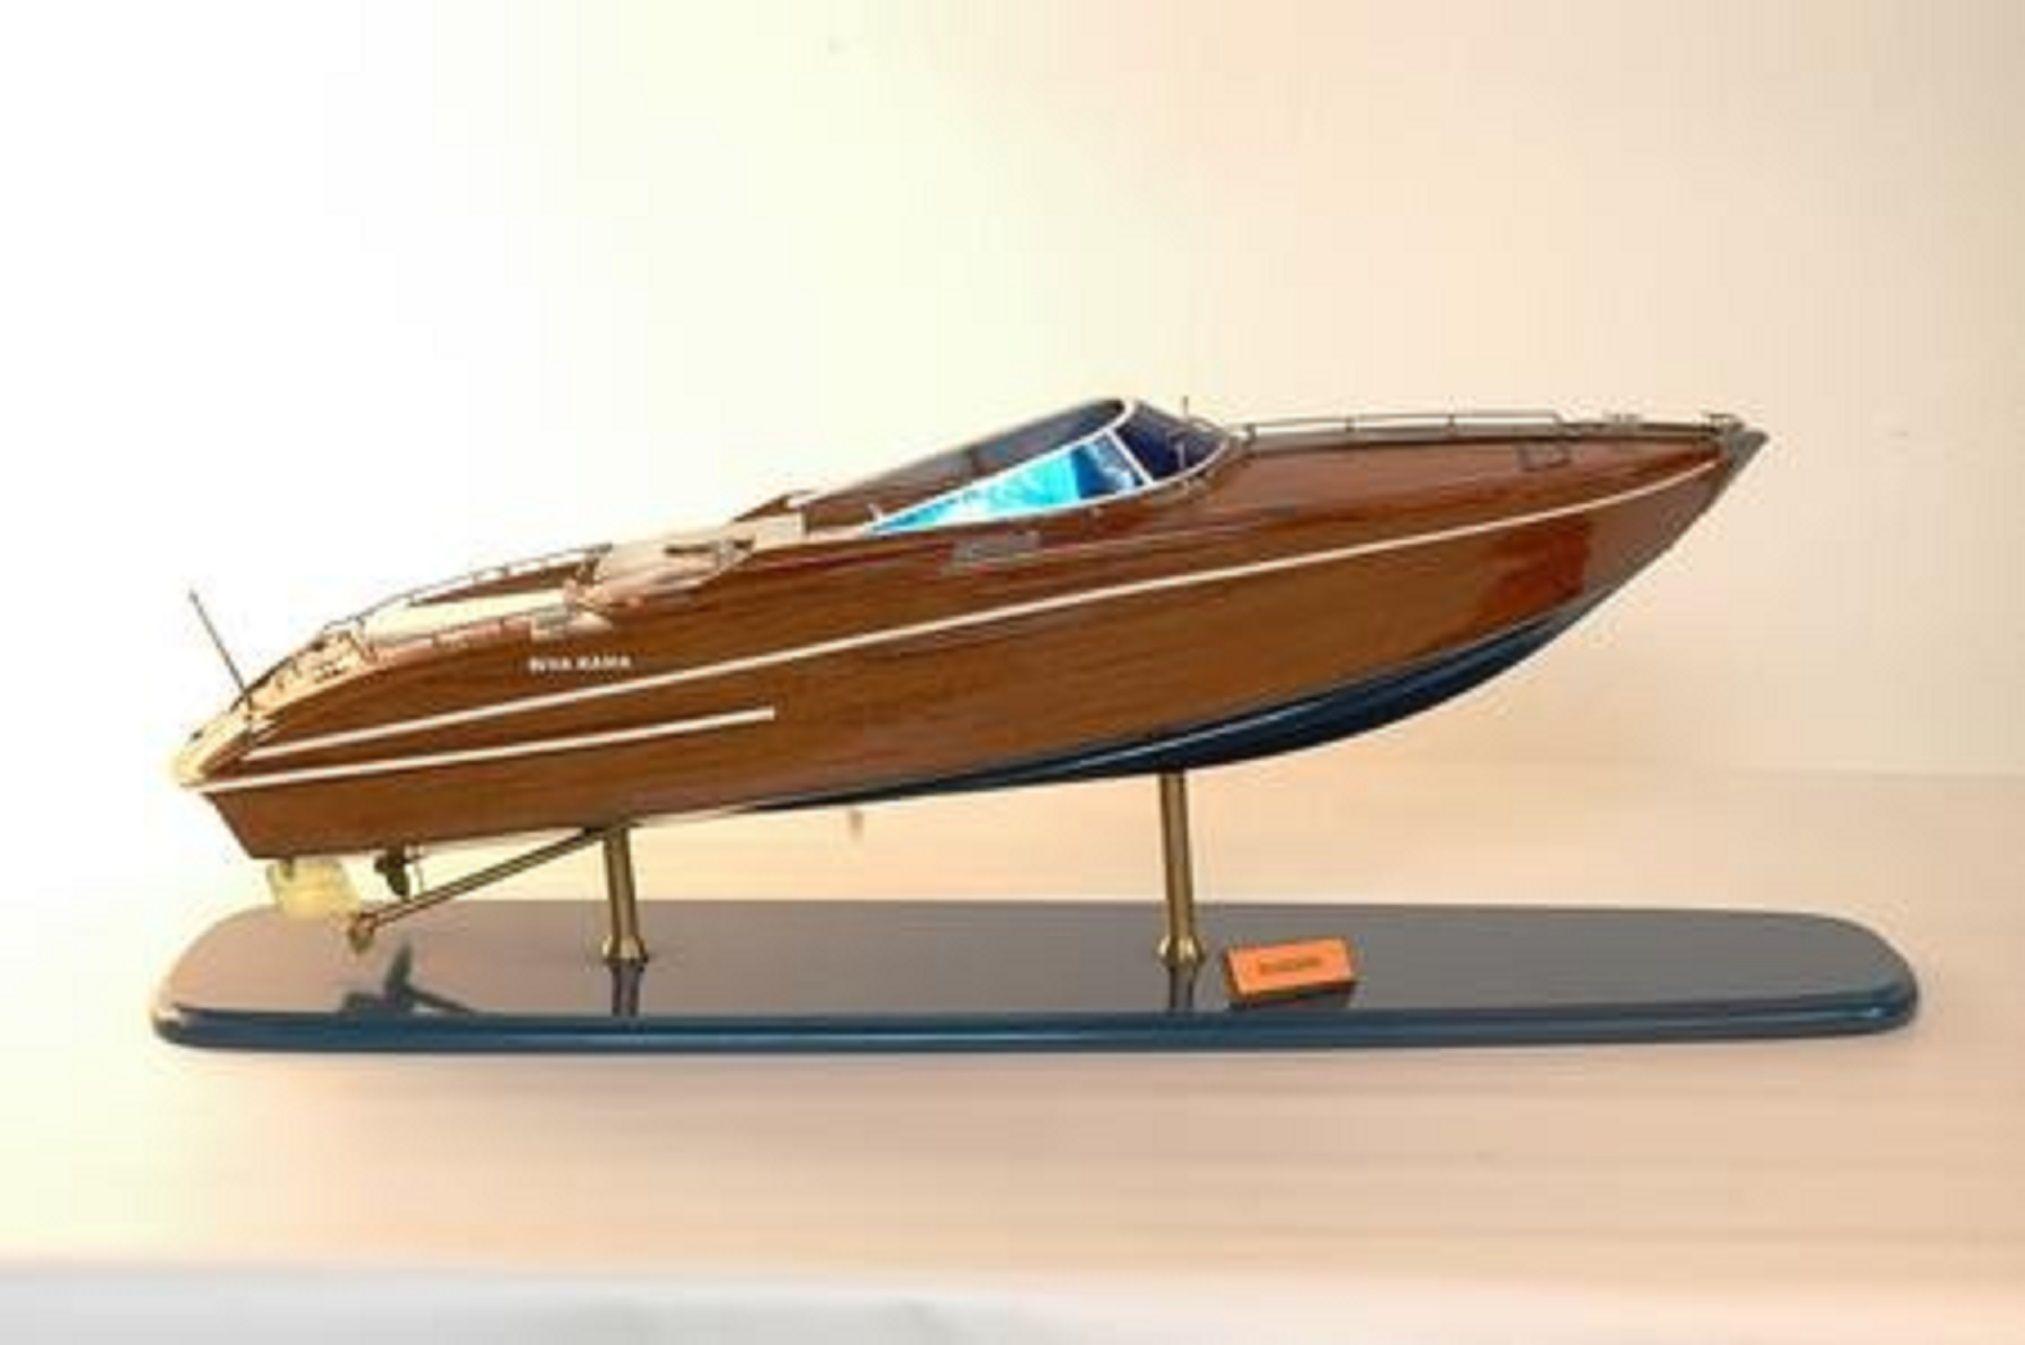 226-7583-Riva-Rama-44-model-boat-Premier-Range